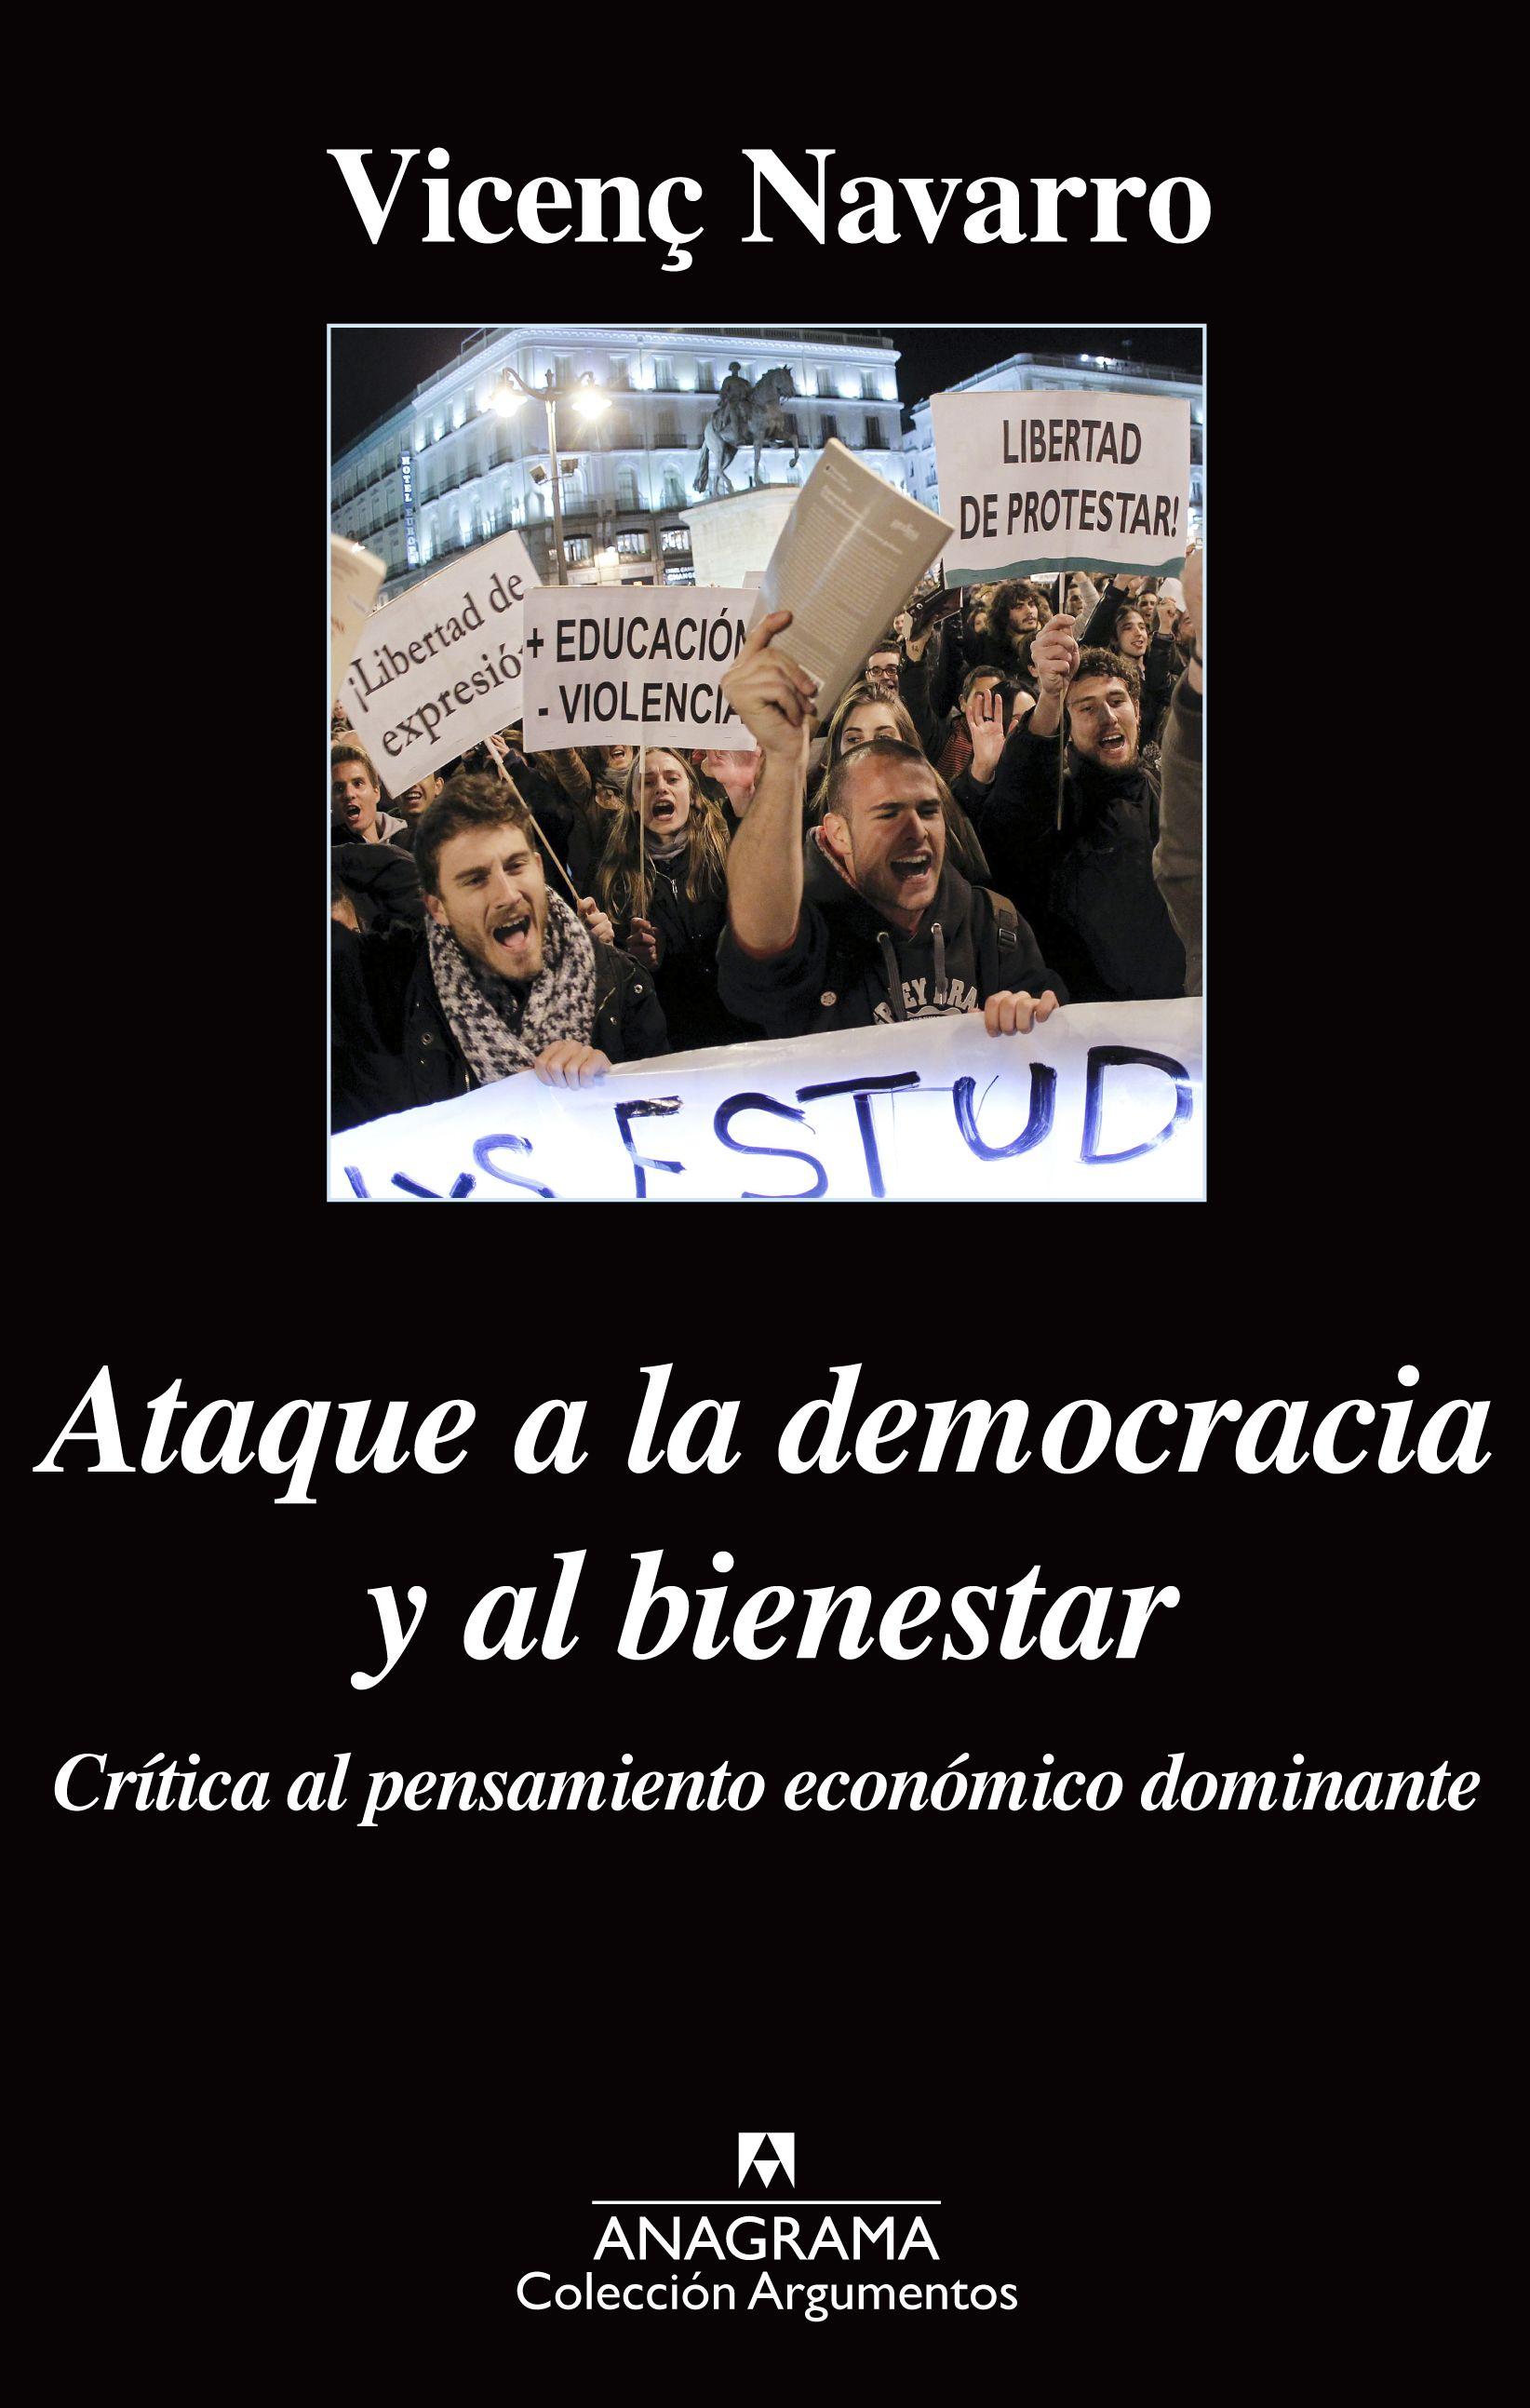 Ataque a la democracia y al bienestar : crítica al pensamiento económico dominante / Vicens Navarro (2015)